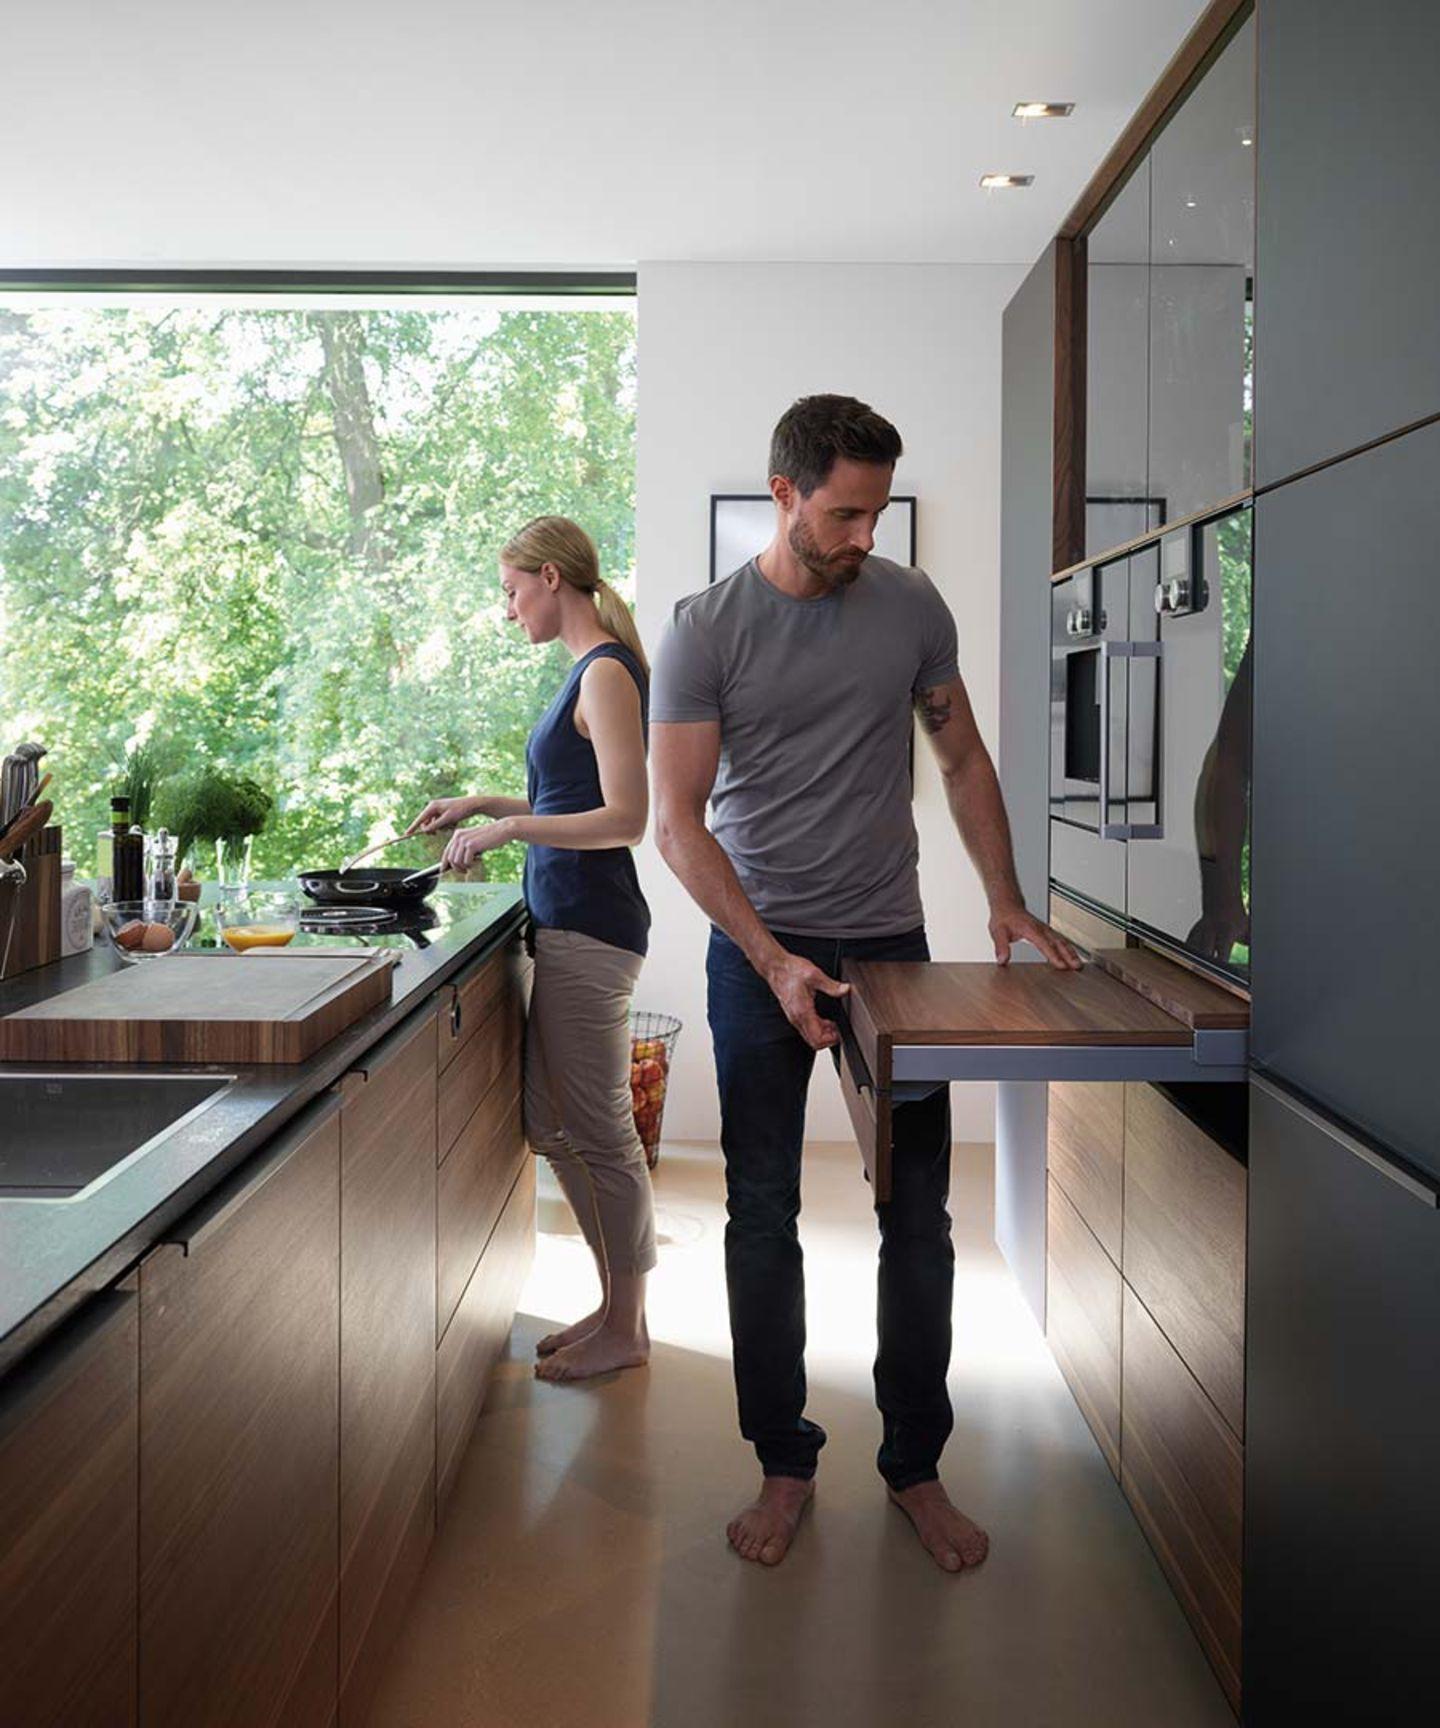 Cuisine en bois massif black line avec étagère coulissante